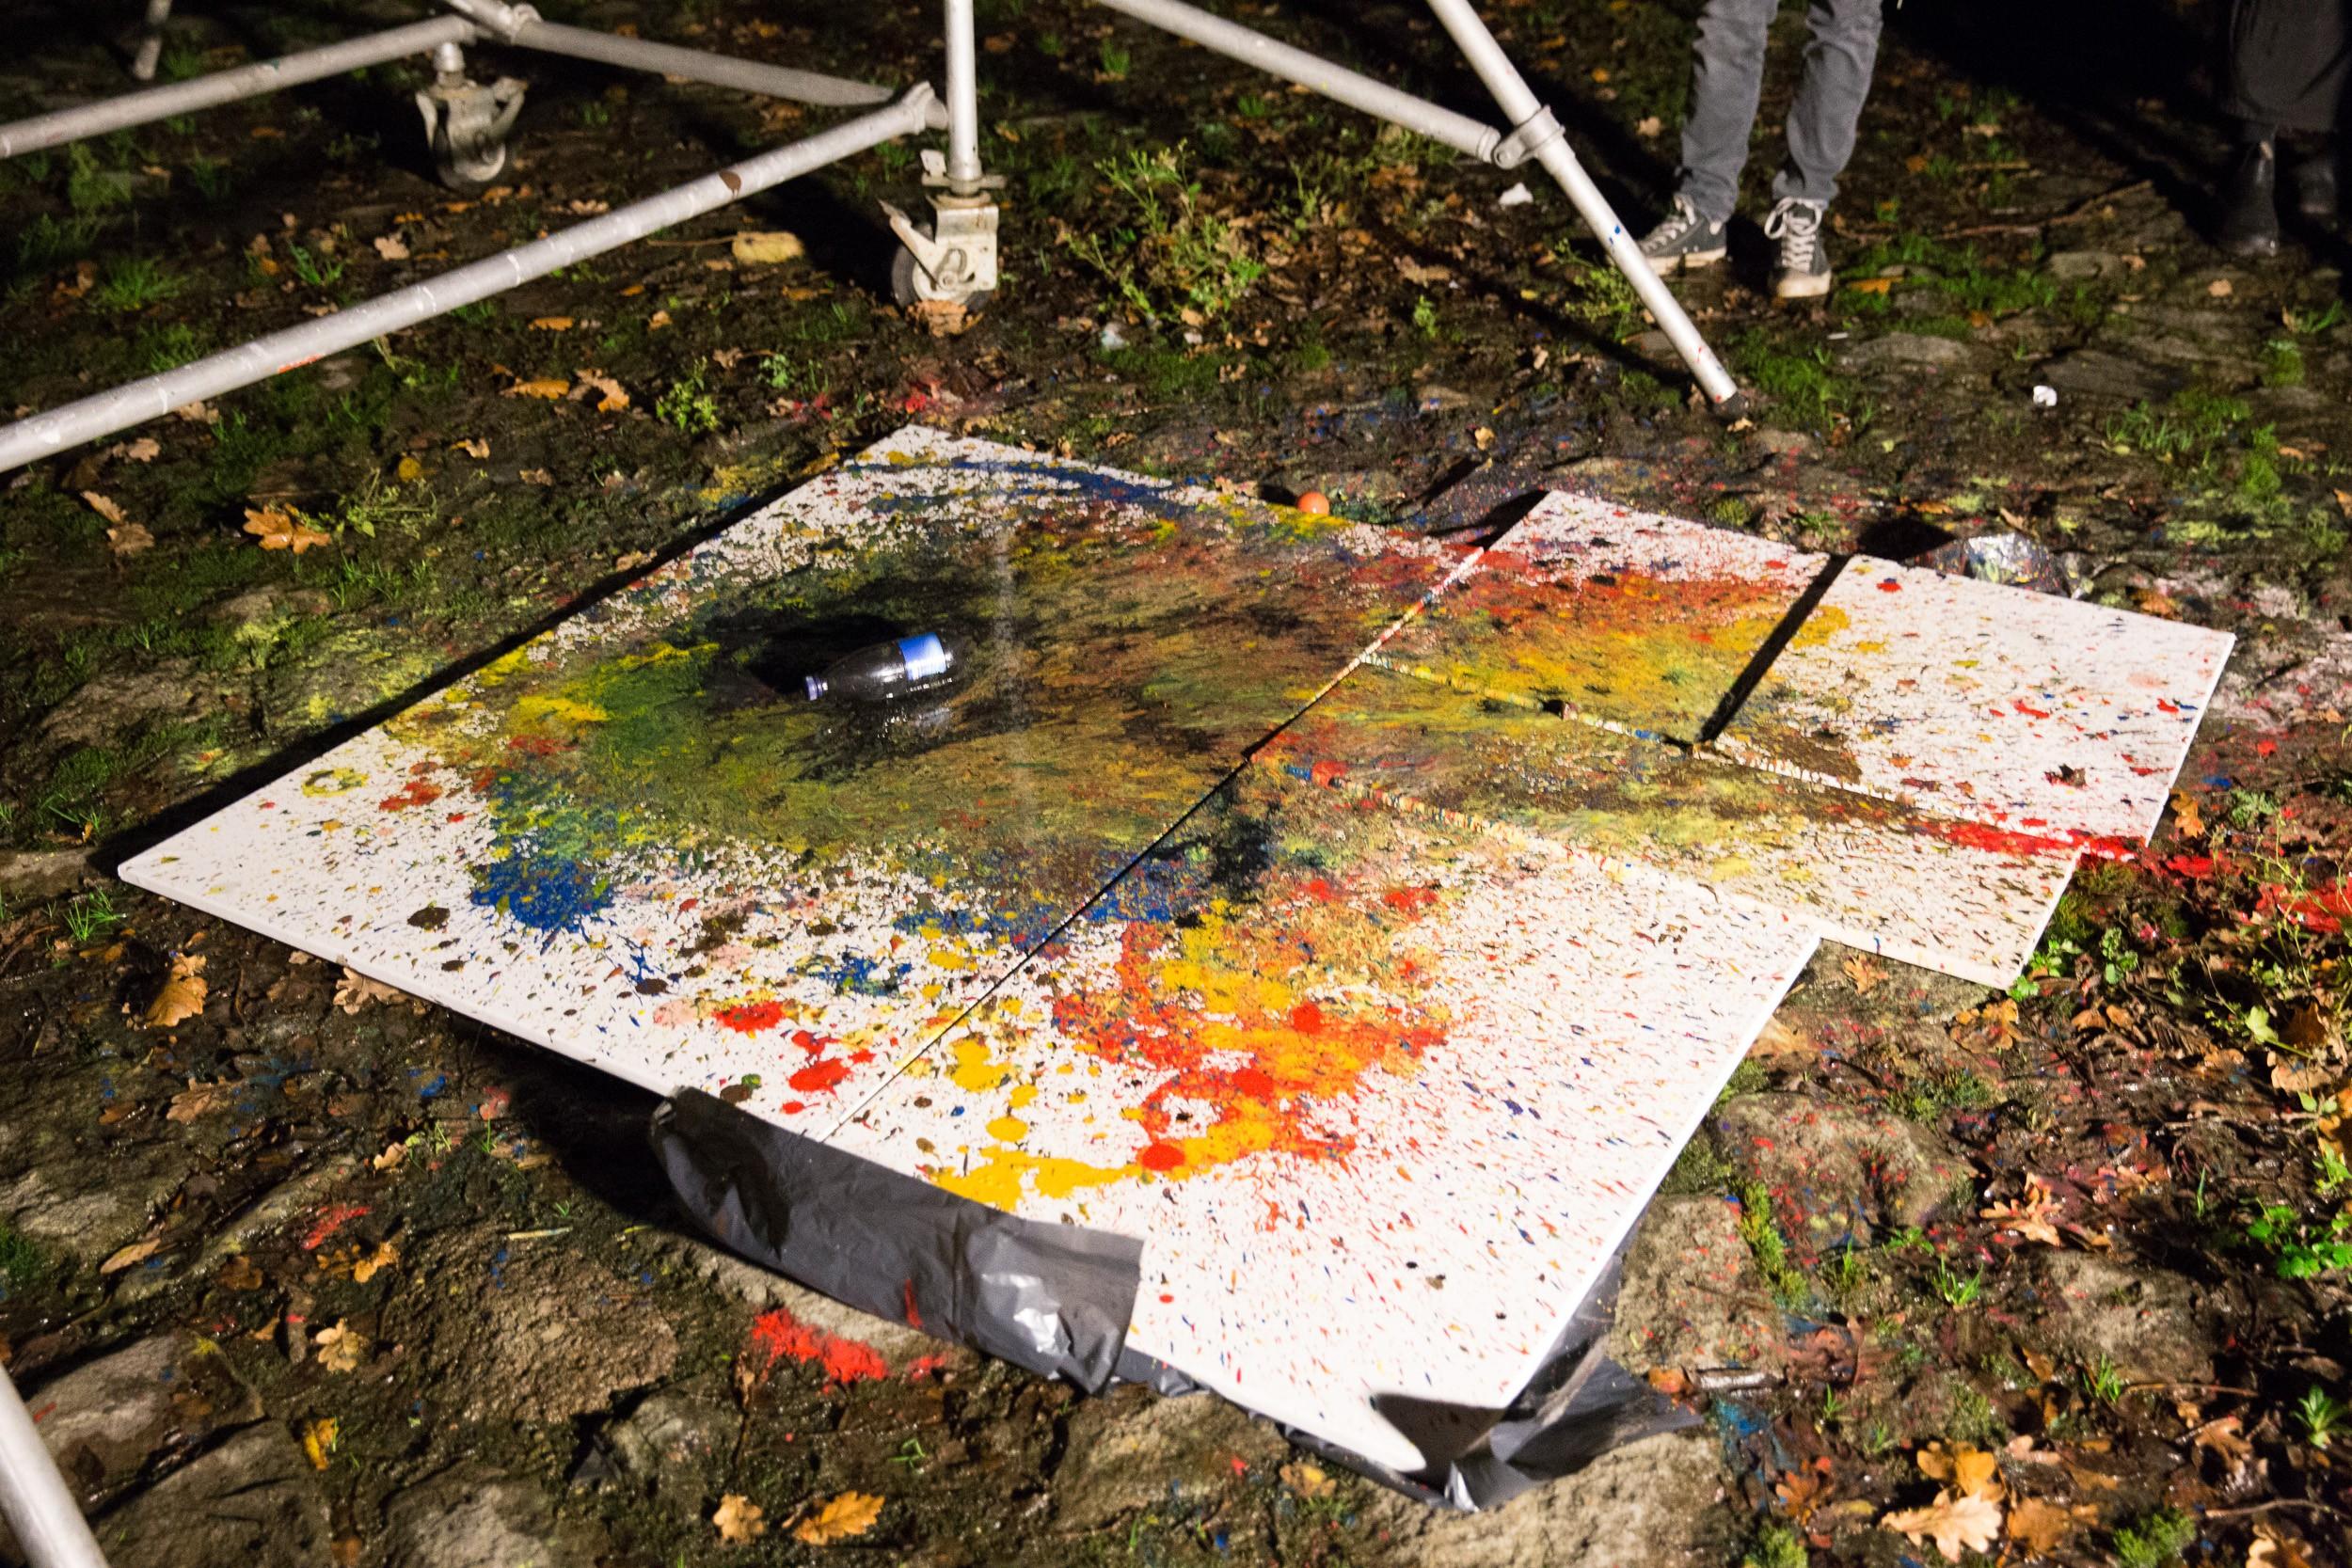 Maleri på Kunsthøjskolen